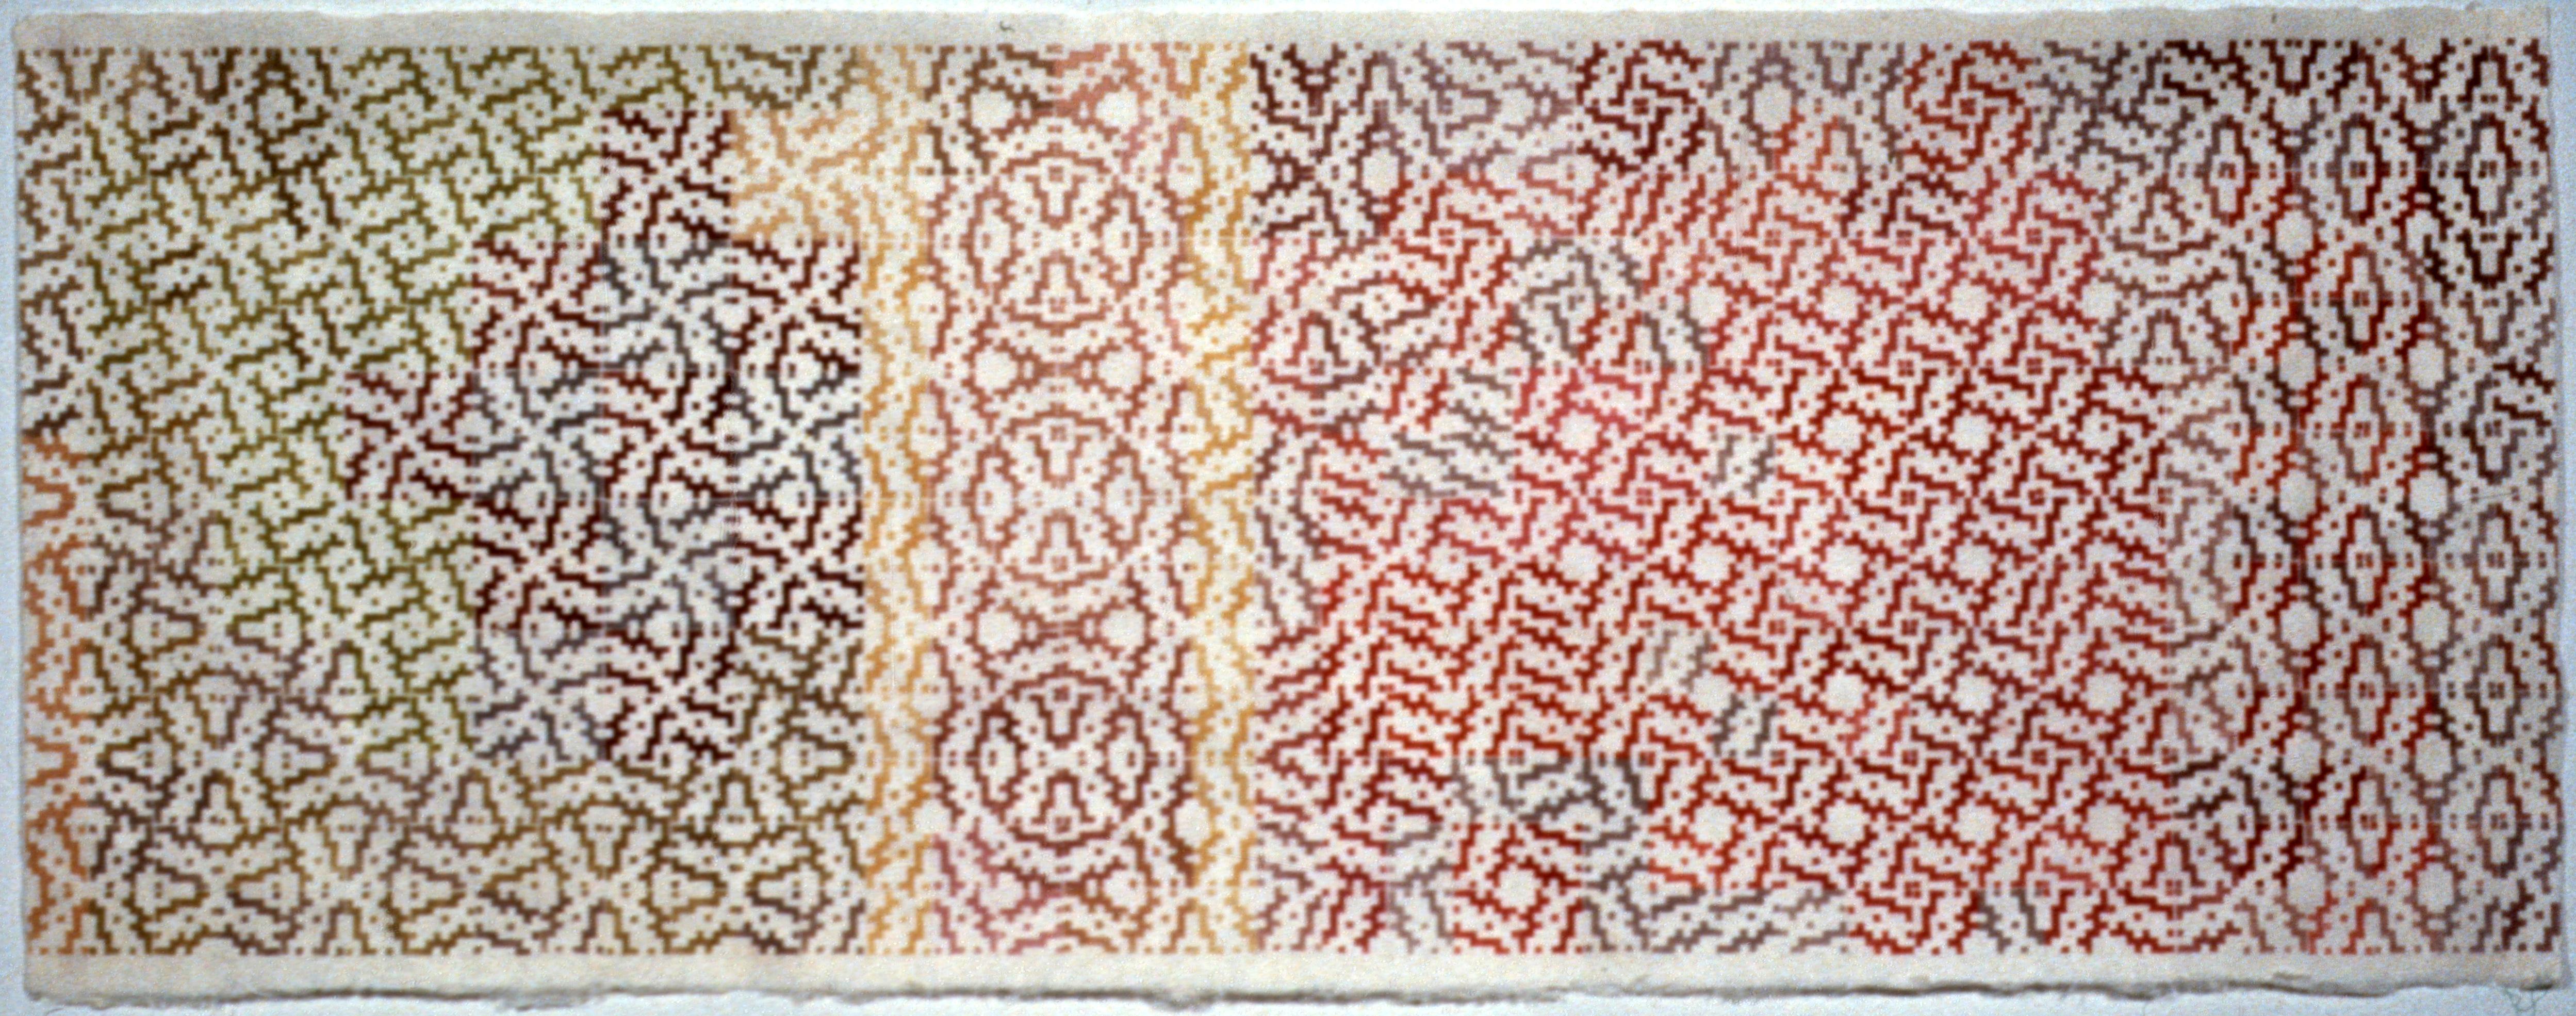 adj 2-15 153257-HRSL-Box 2-015 x - Copy